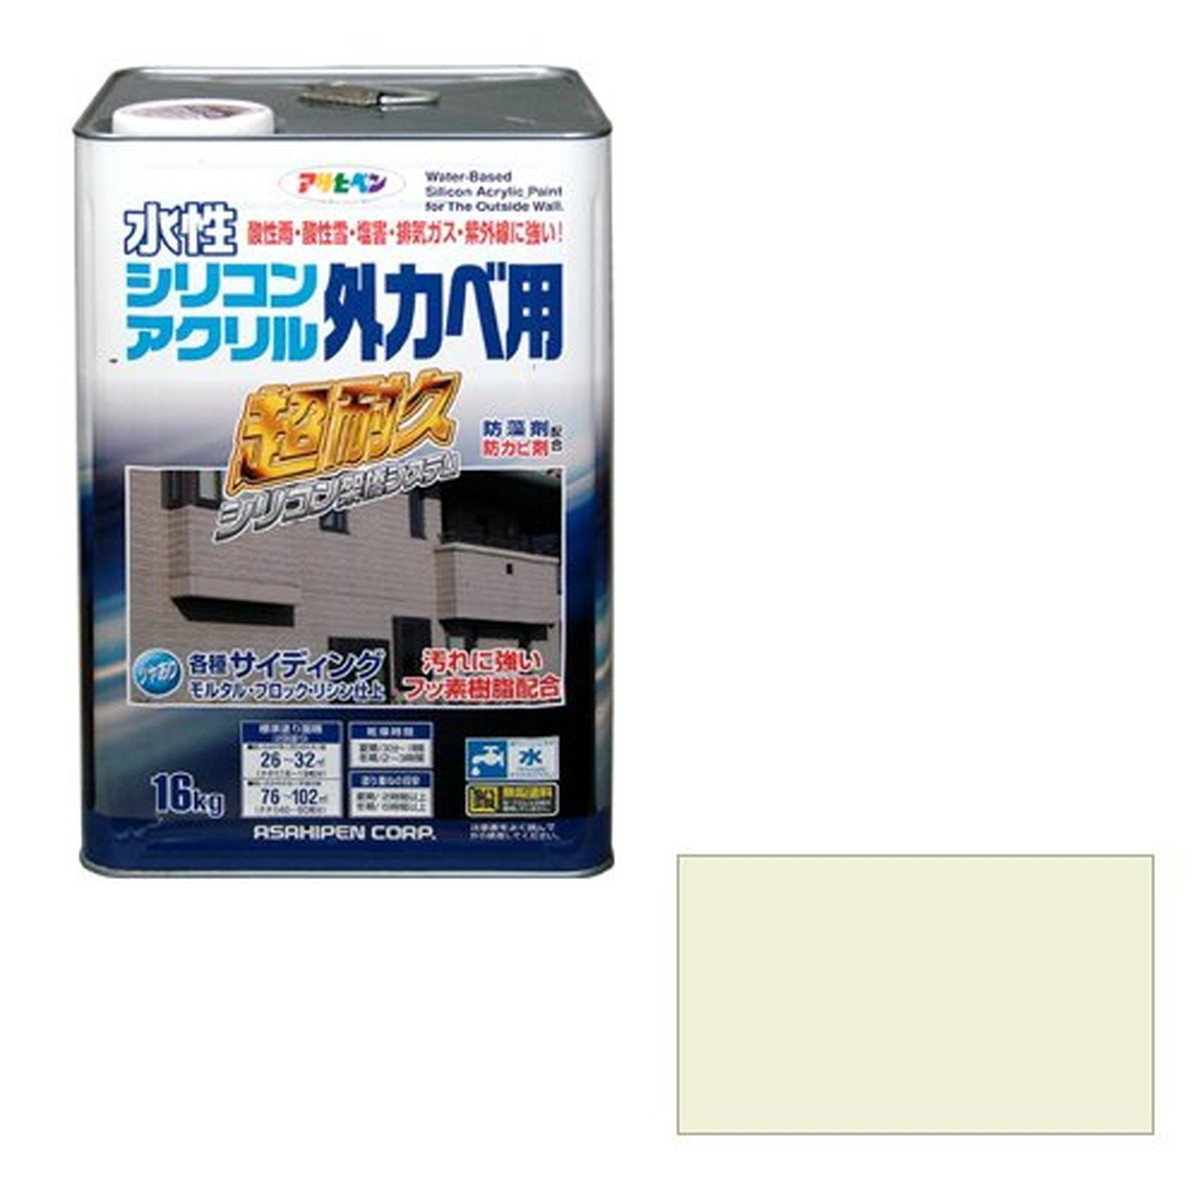 アサヒペン 水性シリコンアクリル外かべ用 ミルキーホワイト 16kg